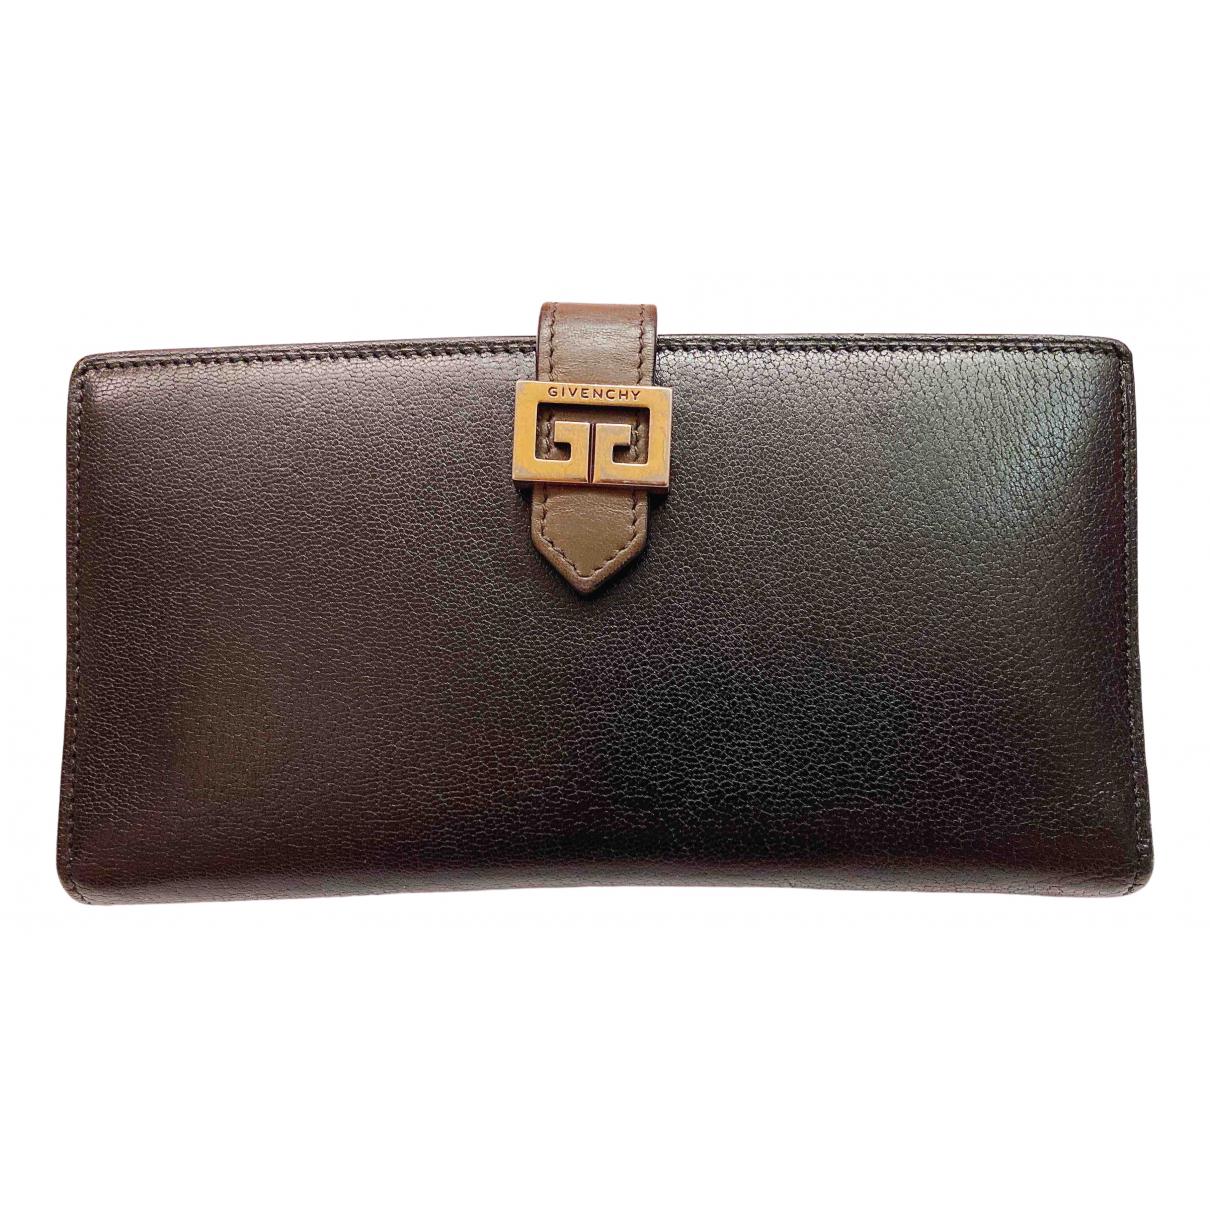 Givenchy - Portefeuille   pour femme en cuir - marron